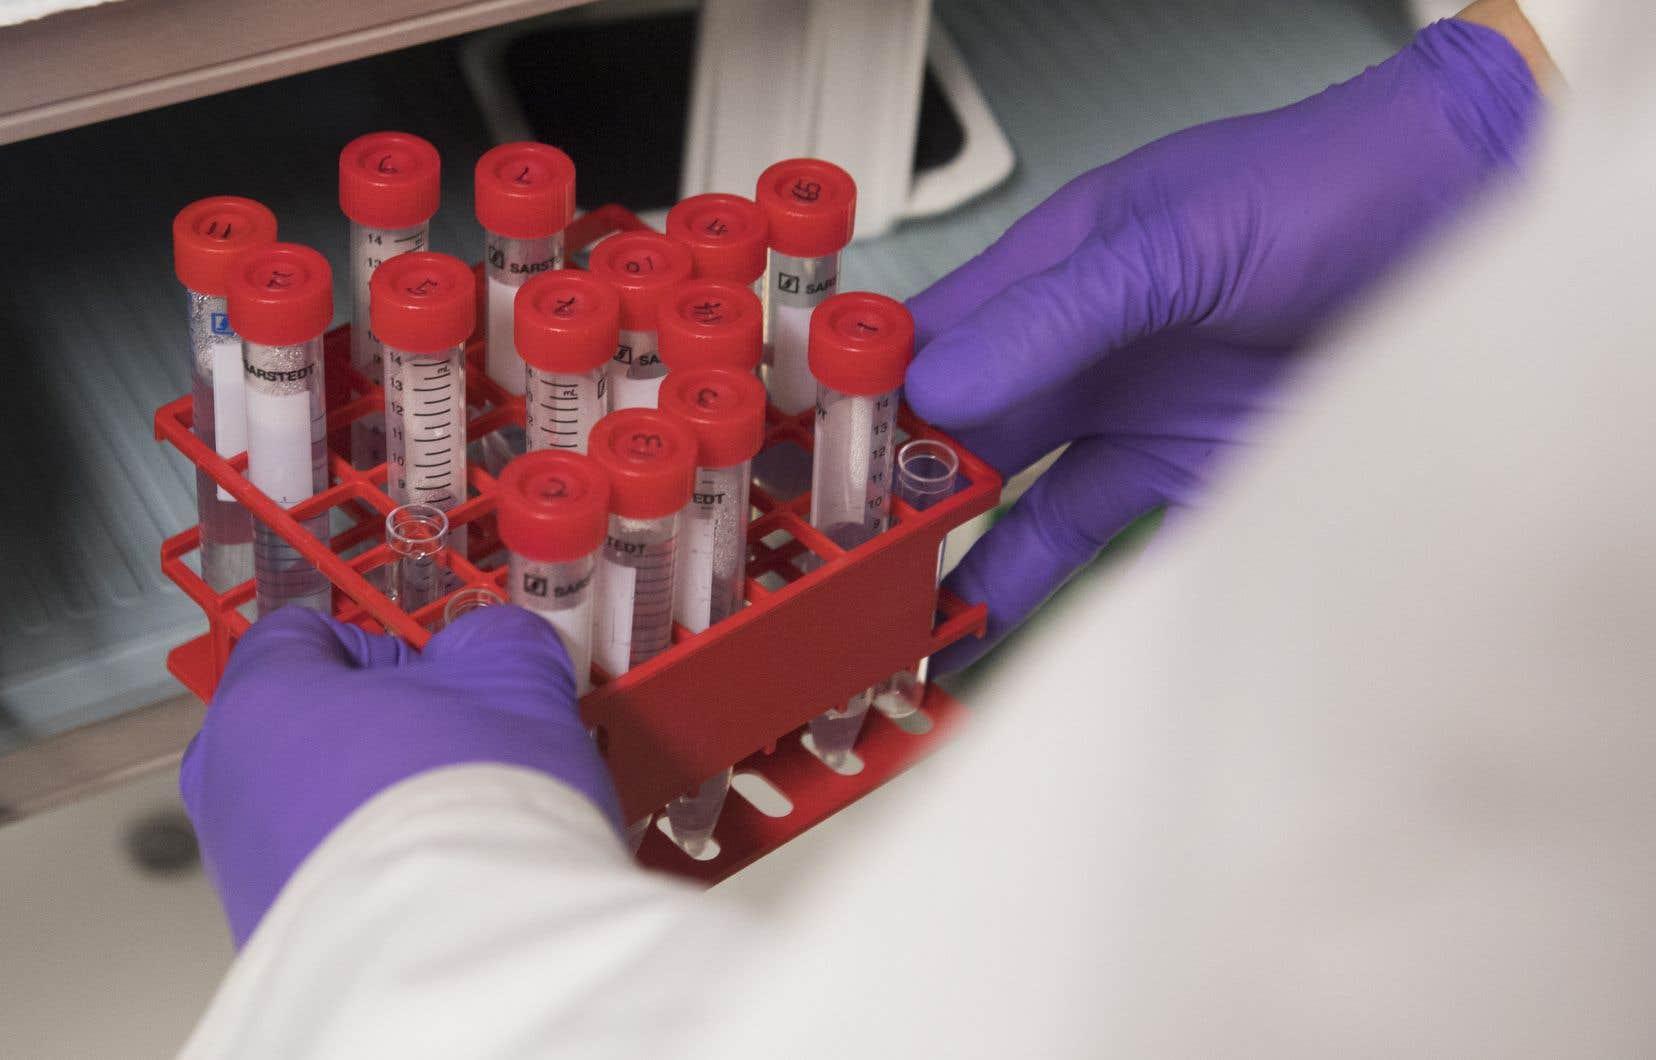 Le nouveau test épigénétique permettra de trier les femmes ayant appris qu'elles sont infectées par le VPH et donc d'identifier celles qu'il faudra surveiller.